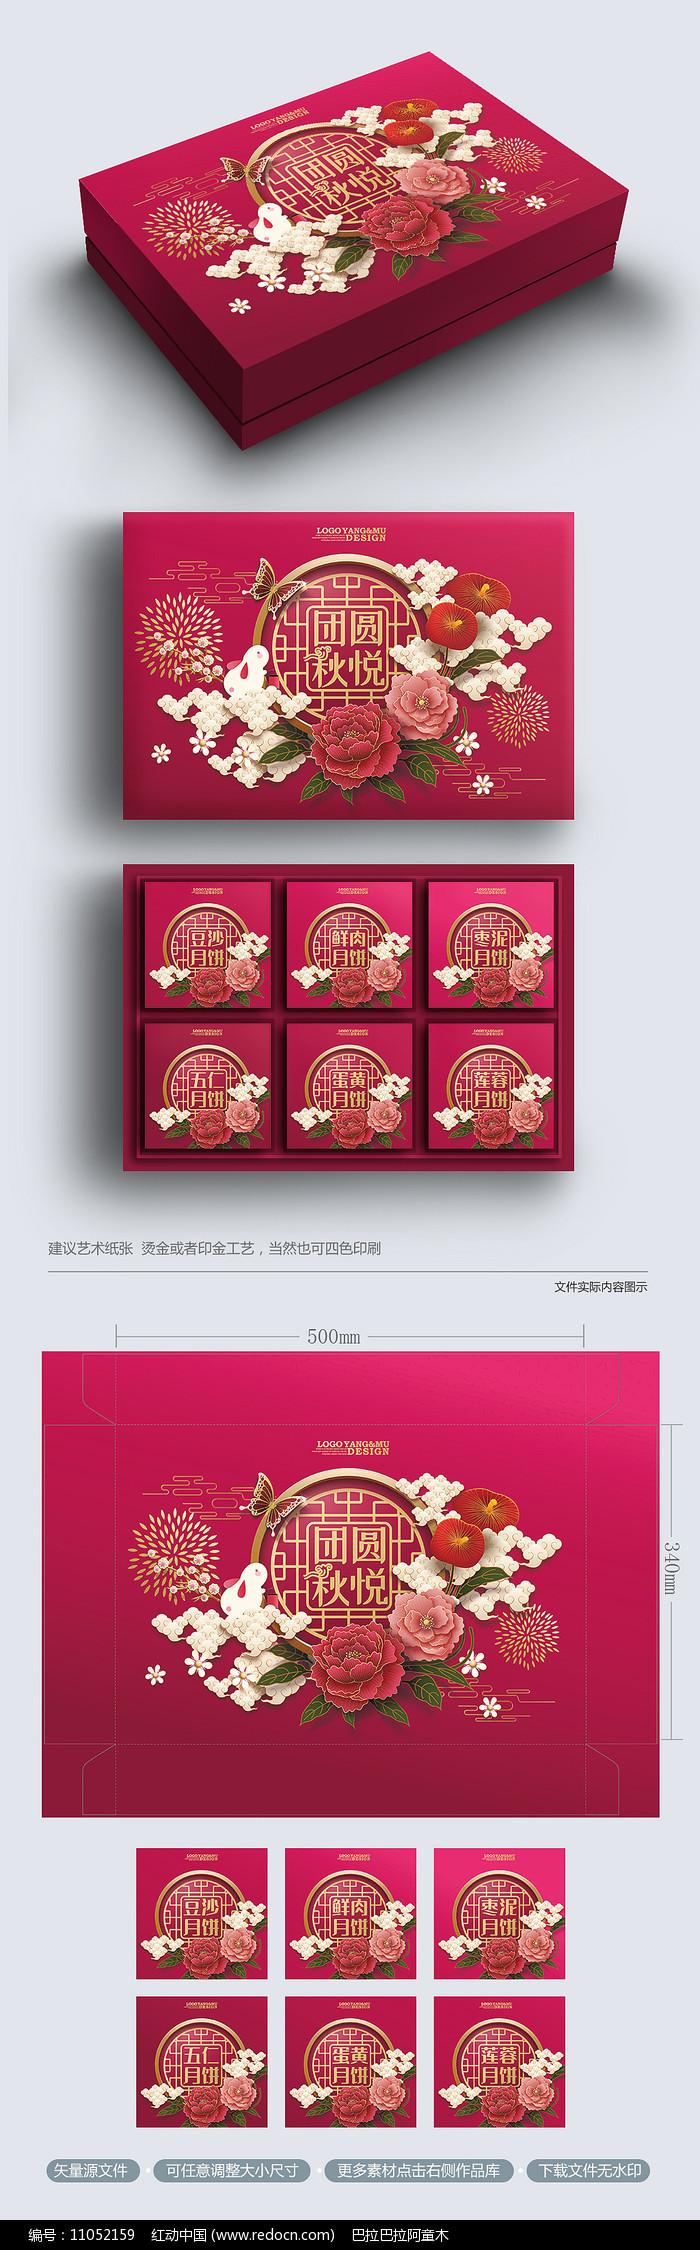 华丽高端时尚中秋月饼包装礼盒图片